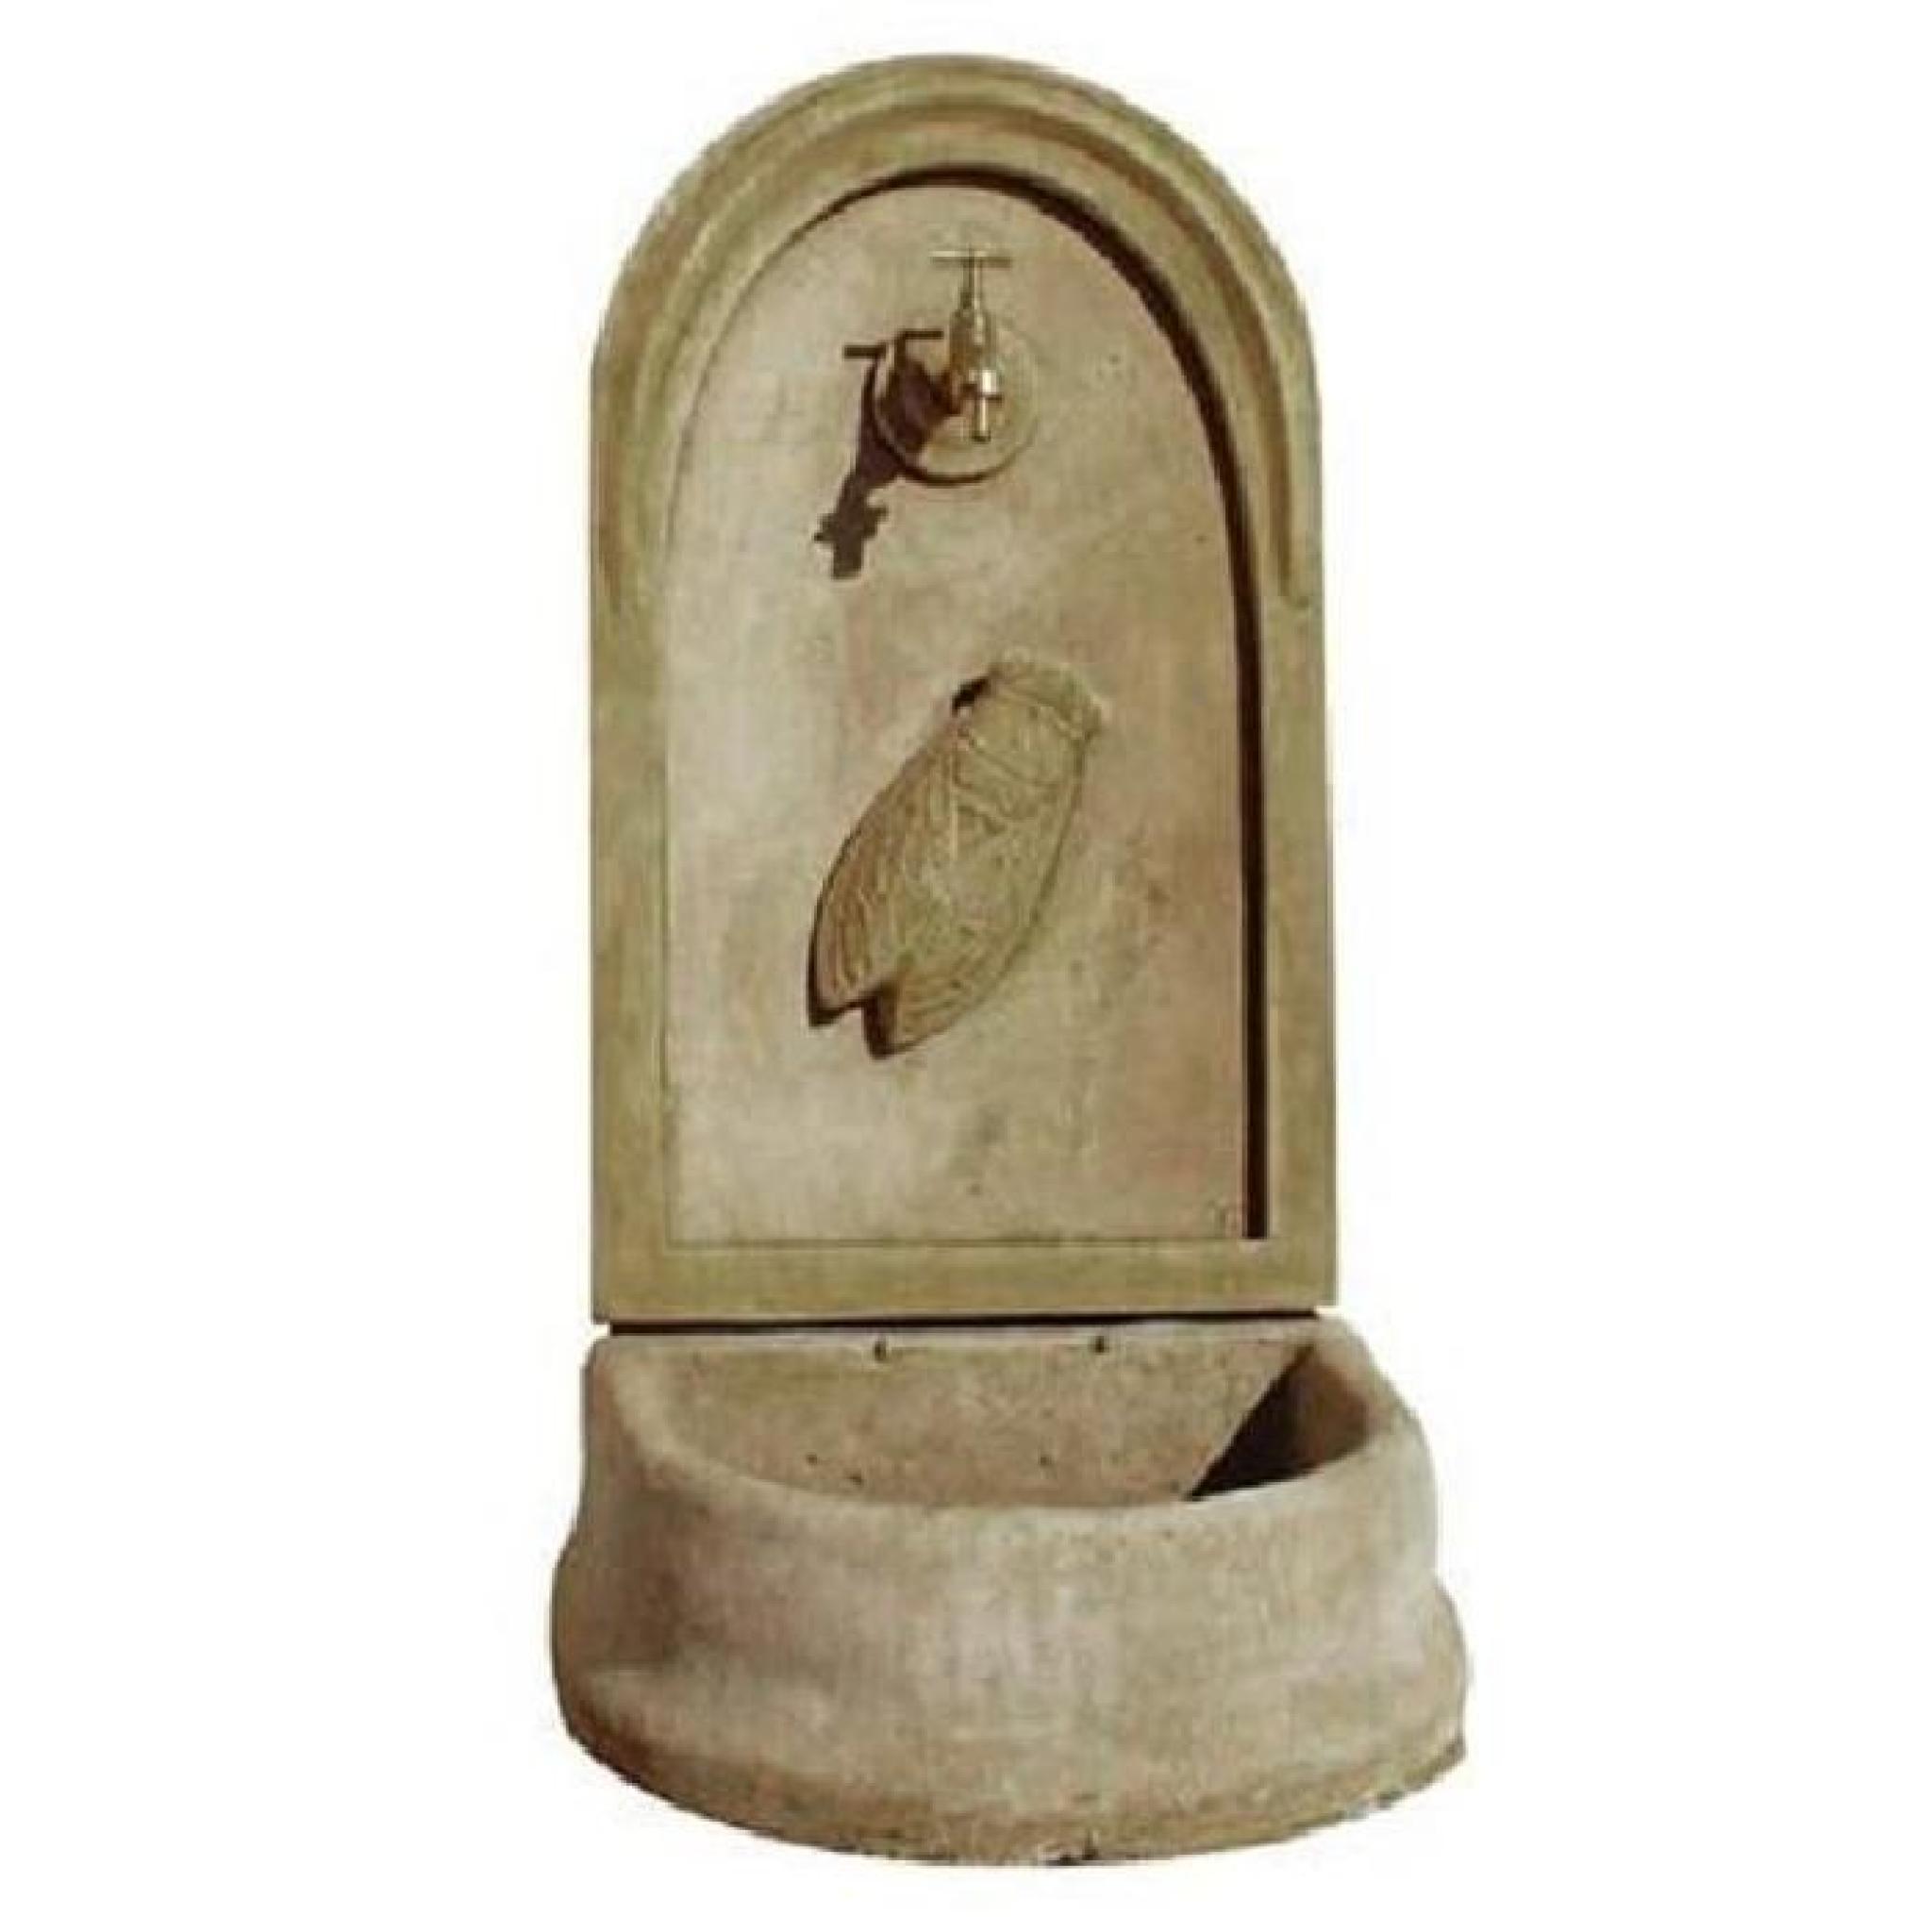 fontaine murale en pierre mod le cigale achat vente decoration de jardin pas cher. Black Bedroom Furniture Sets. Home Design Ideas